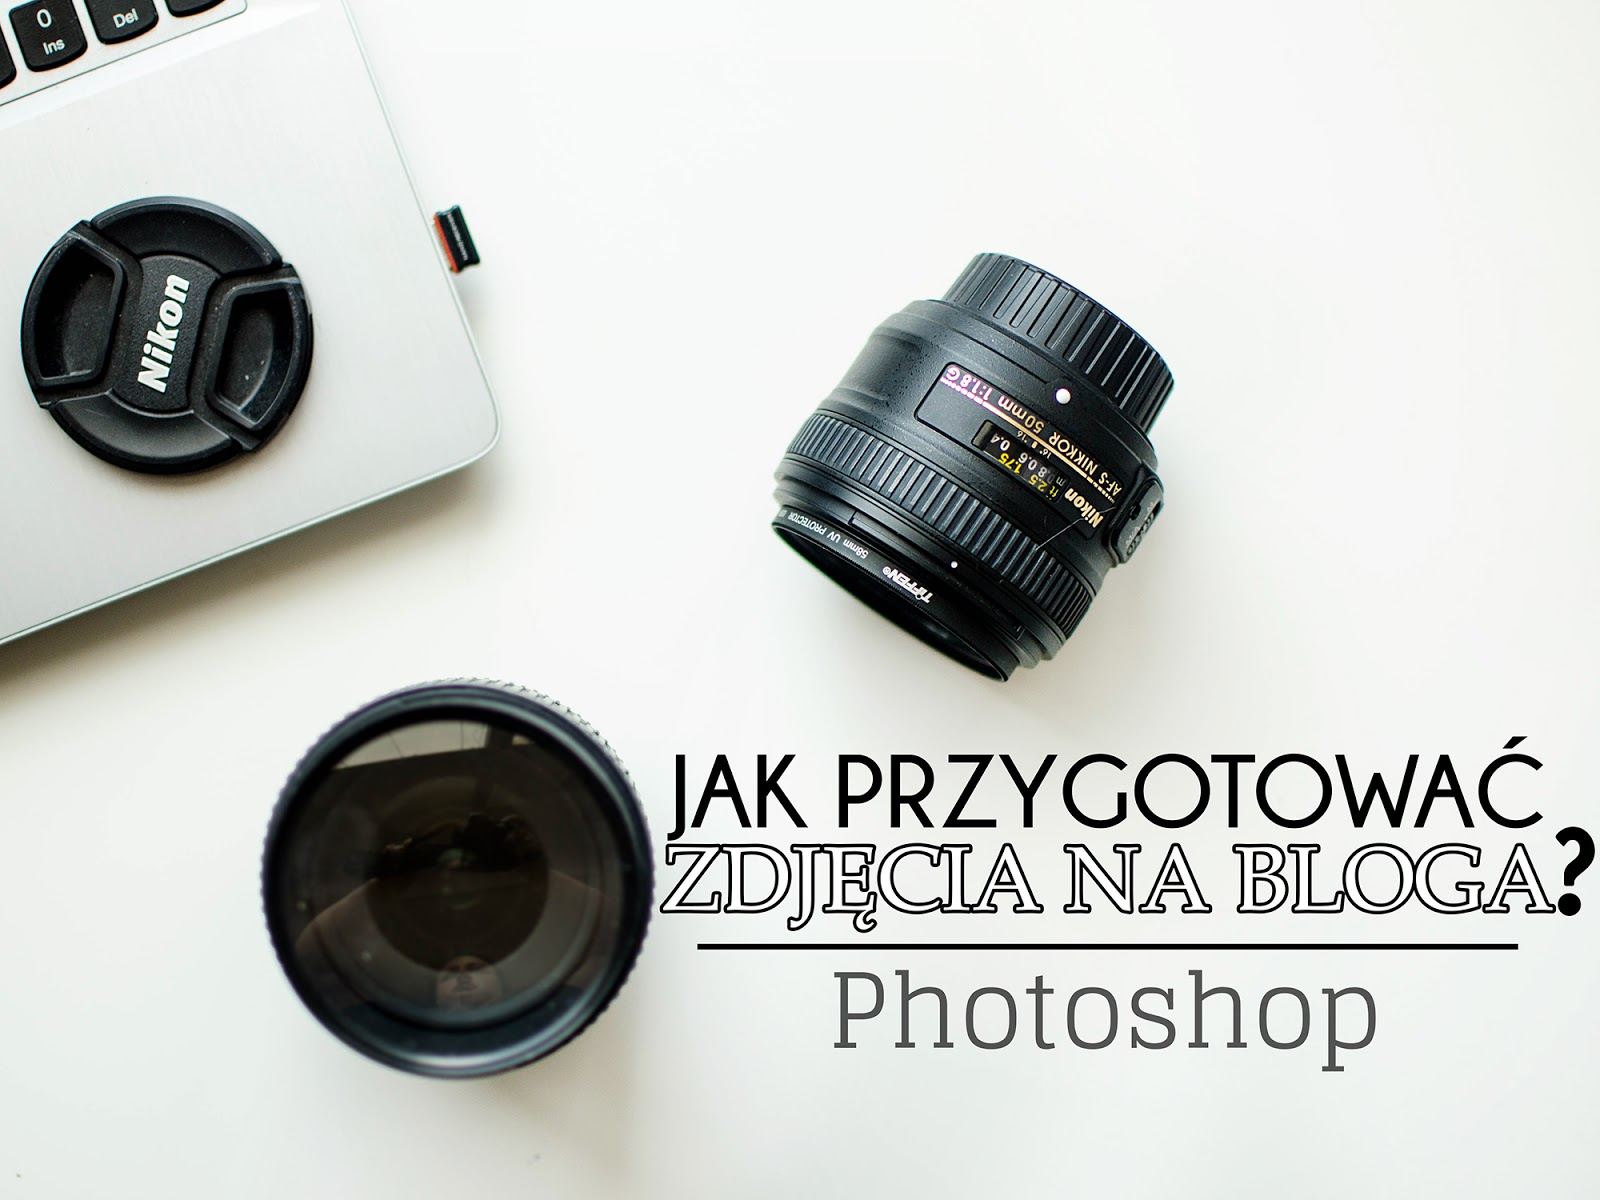 Zdjęcia na bloga | Jak je przygotować przed publikacją?